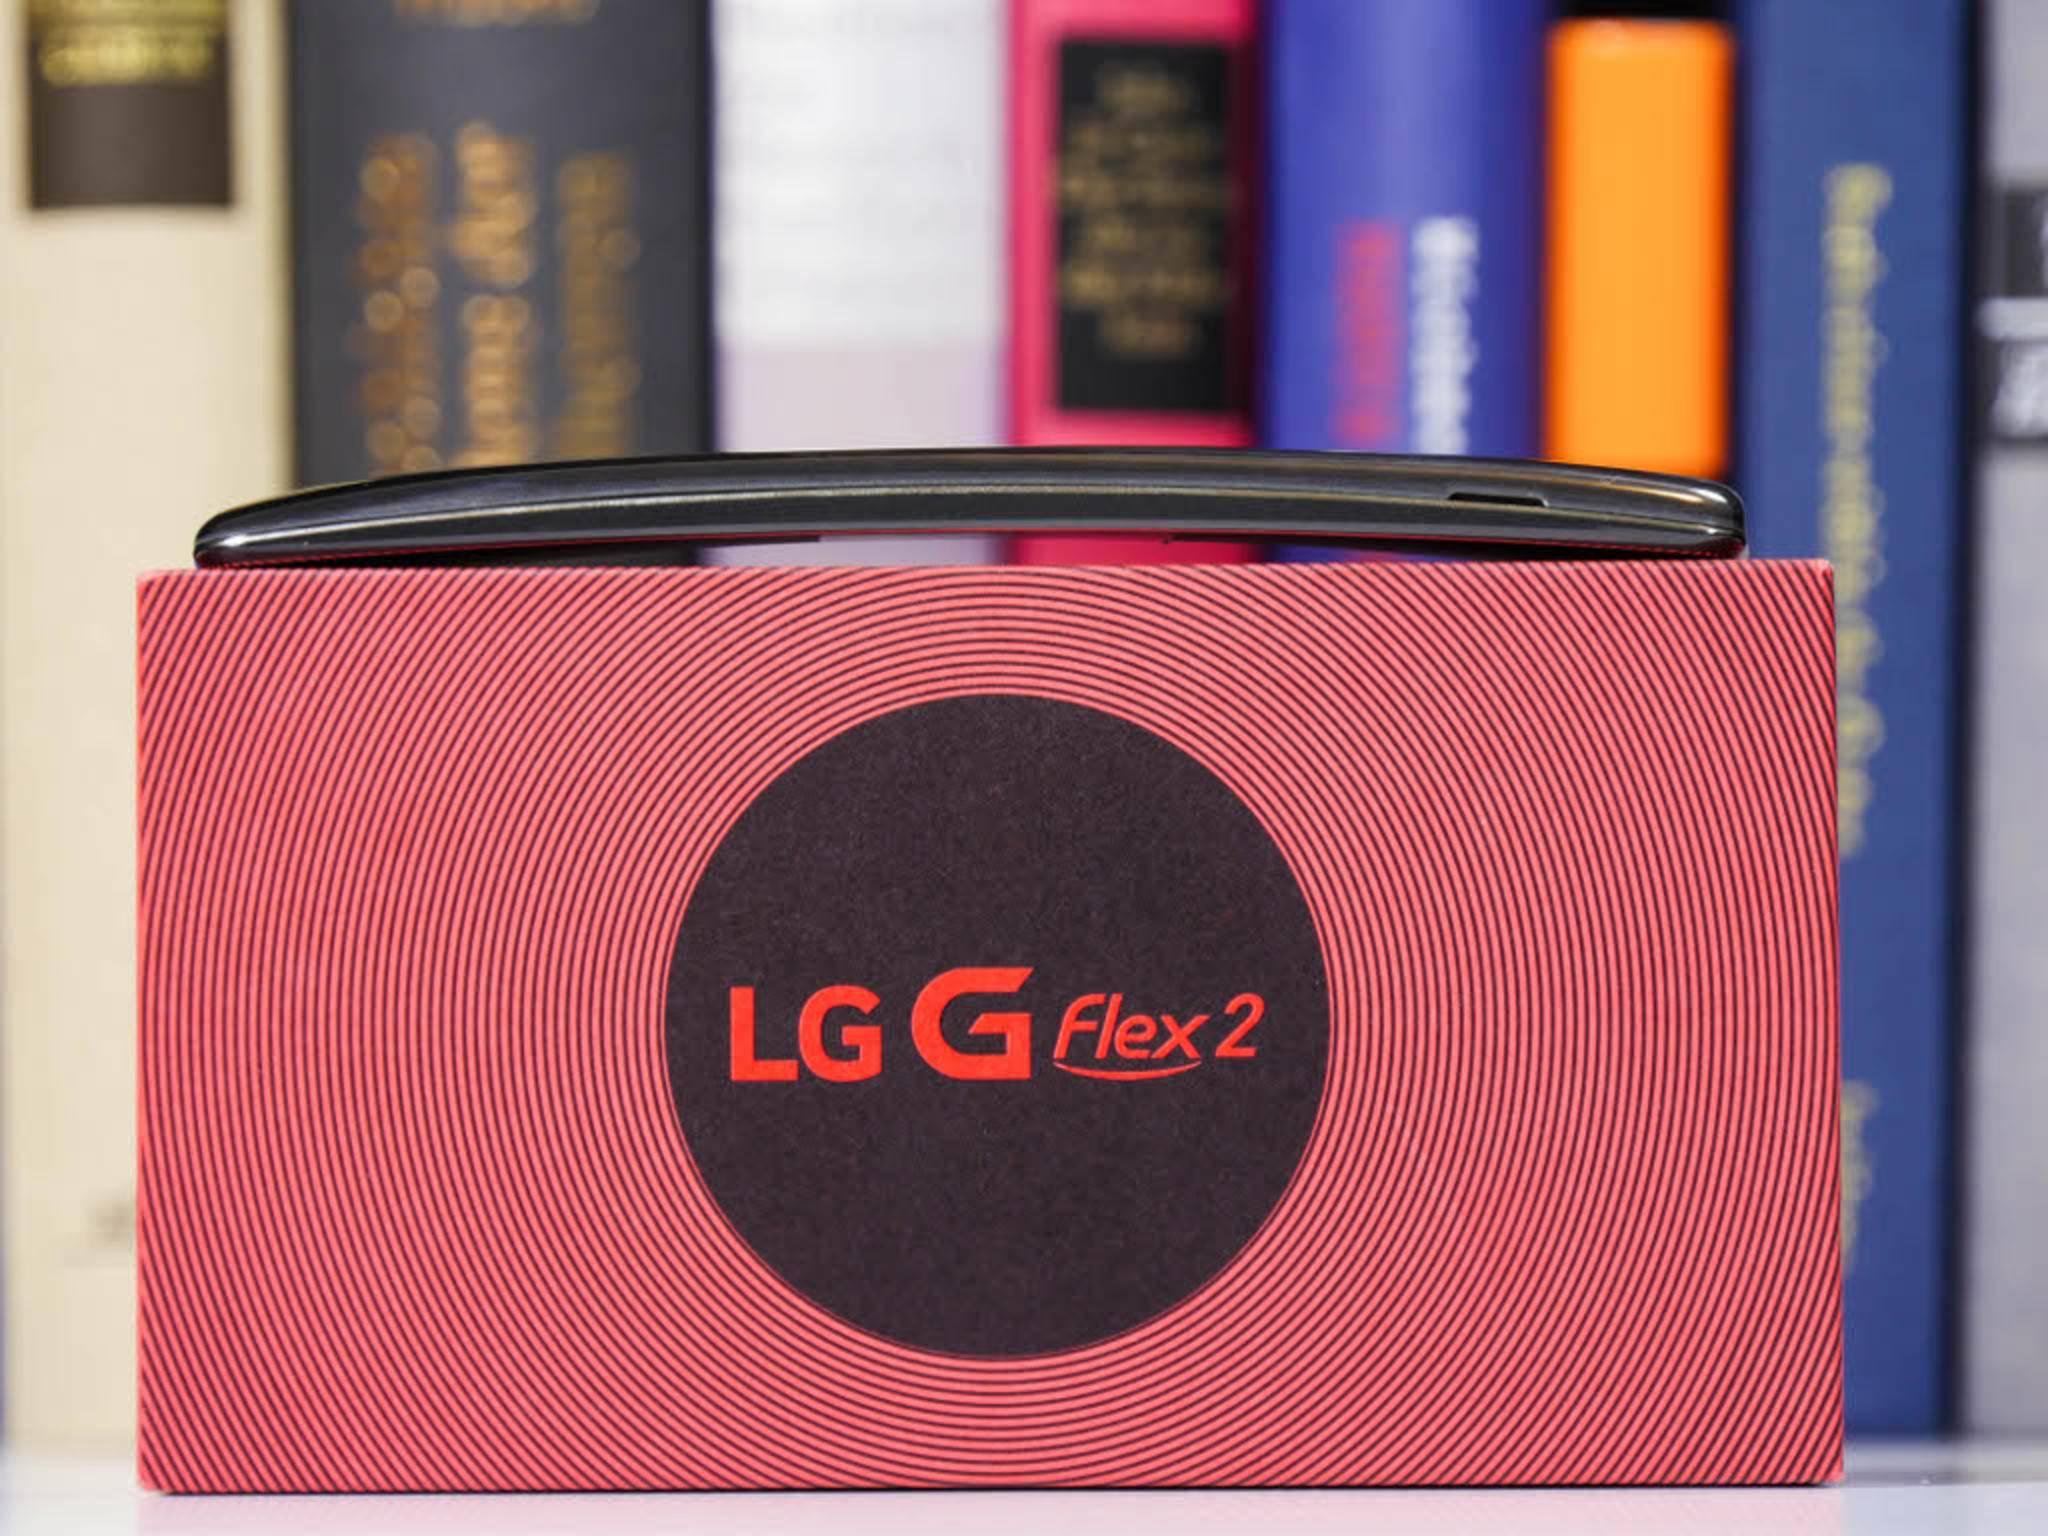 Das Highlight des LG G Flex 2 ist sicherlich die Krümmung.